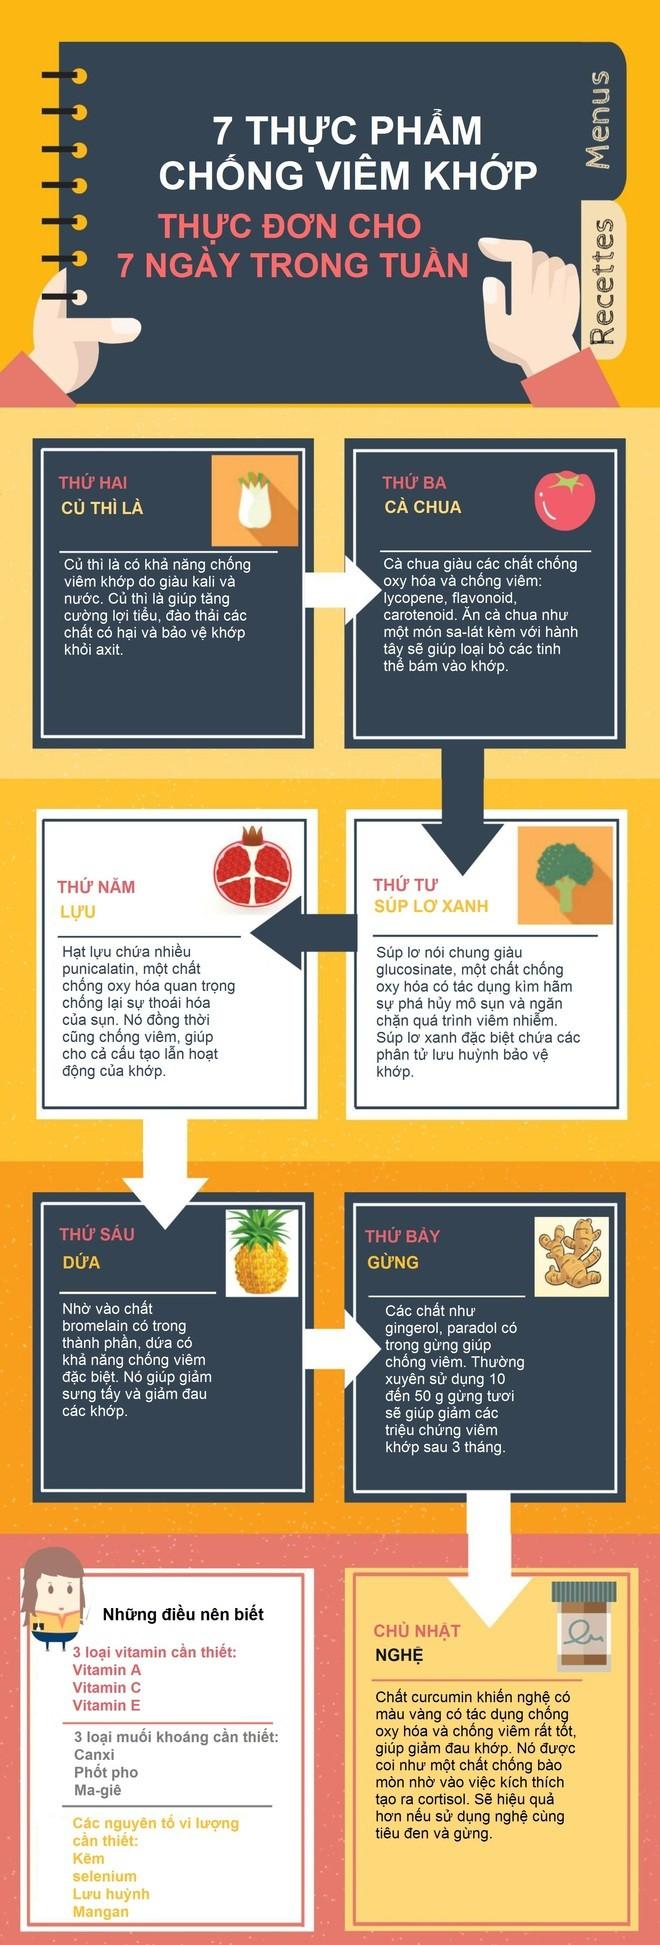 Thực phẩm cho khớp xương khỏe mạnh - ảnh 1